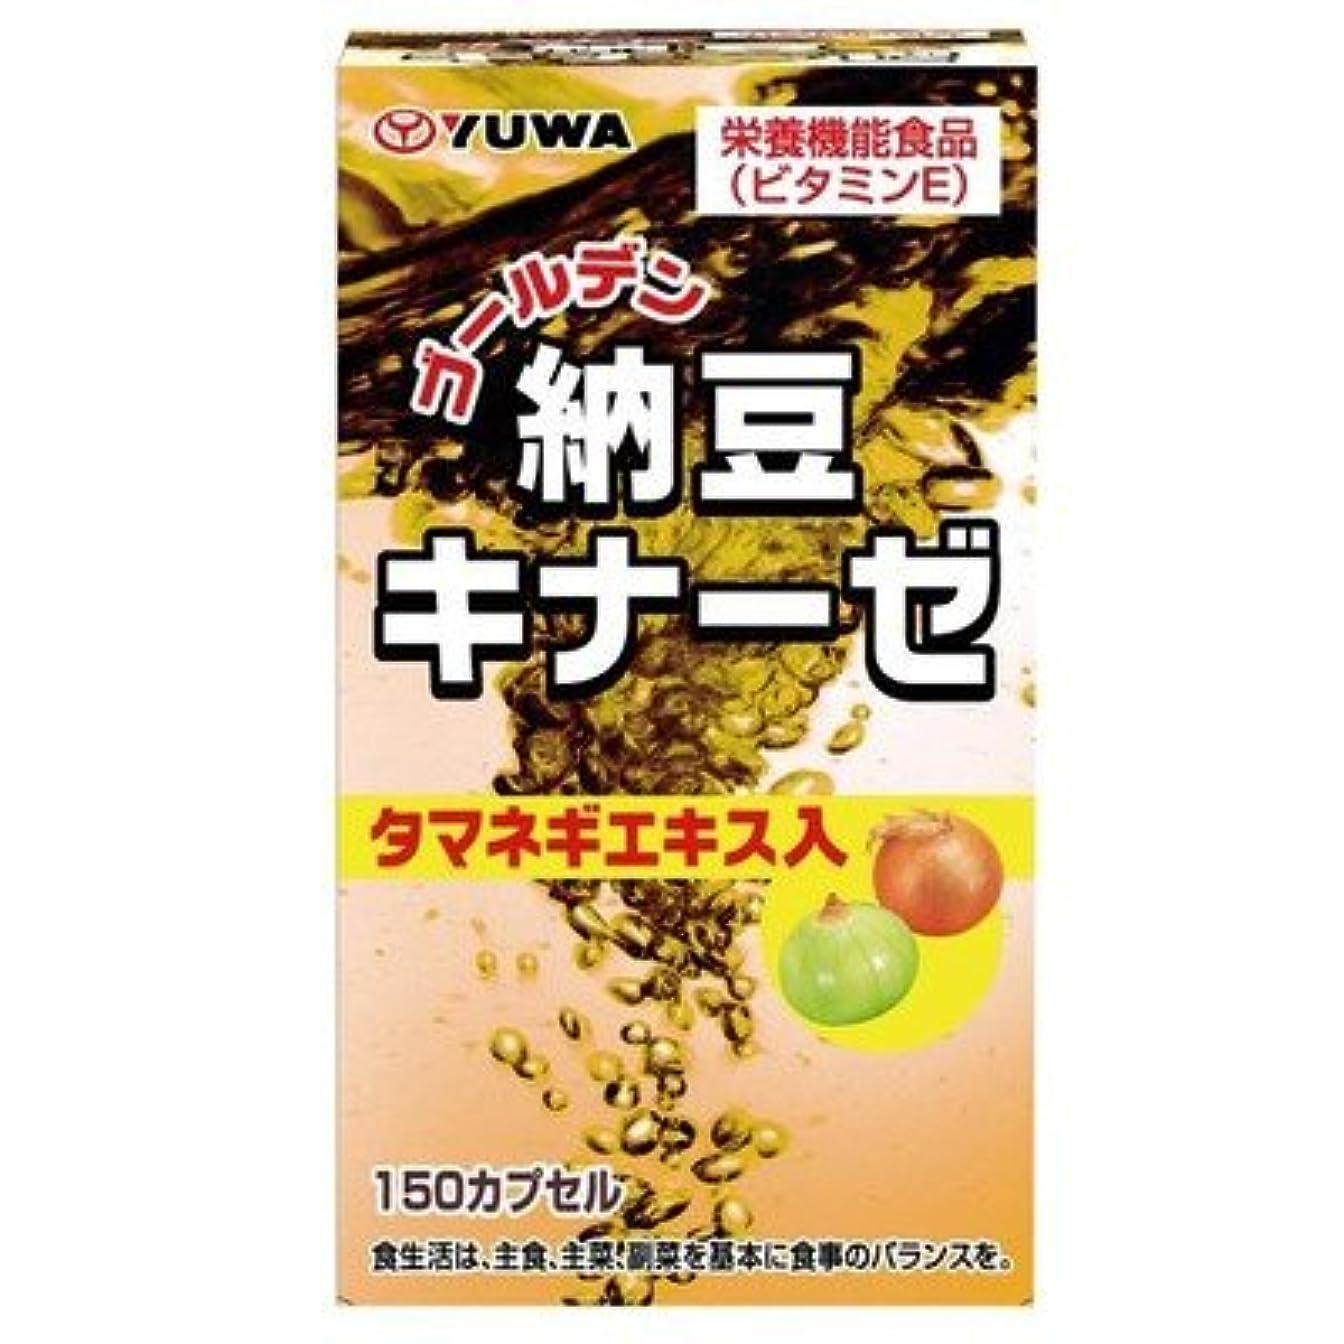 ねばねば聞きます病弱ユーワ ゴールデン納豆キナーゼ タマネギエキス入 63g(420mg×150粒) 1627